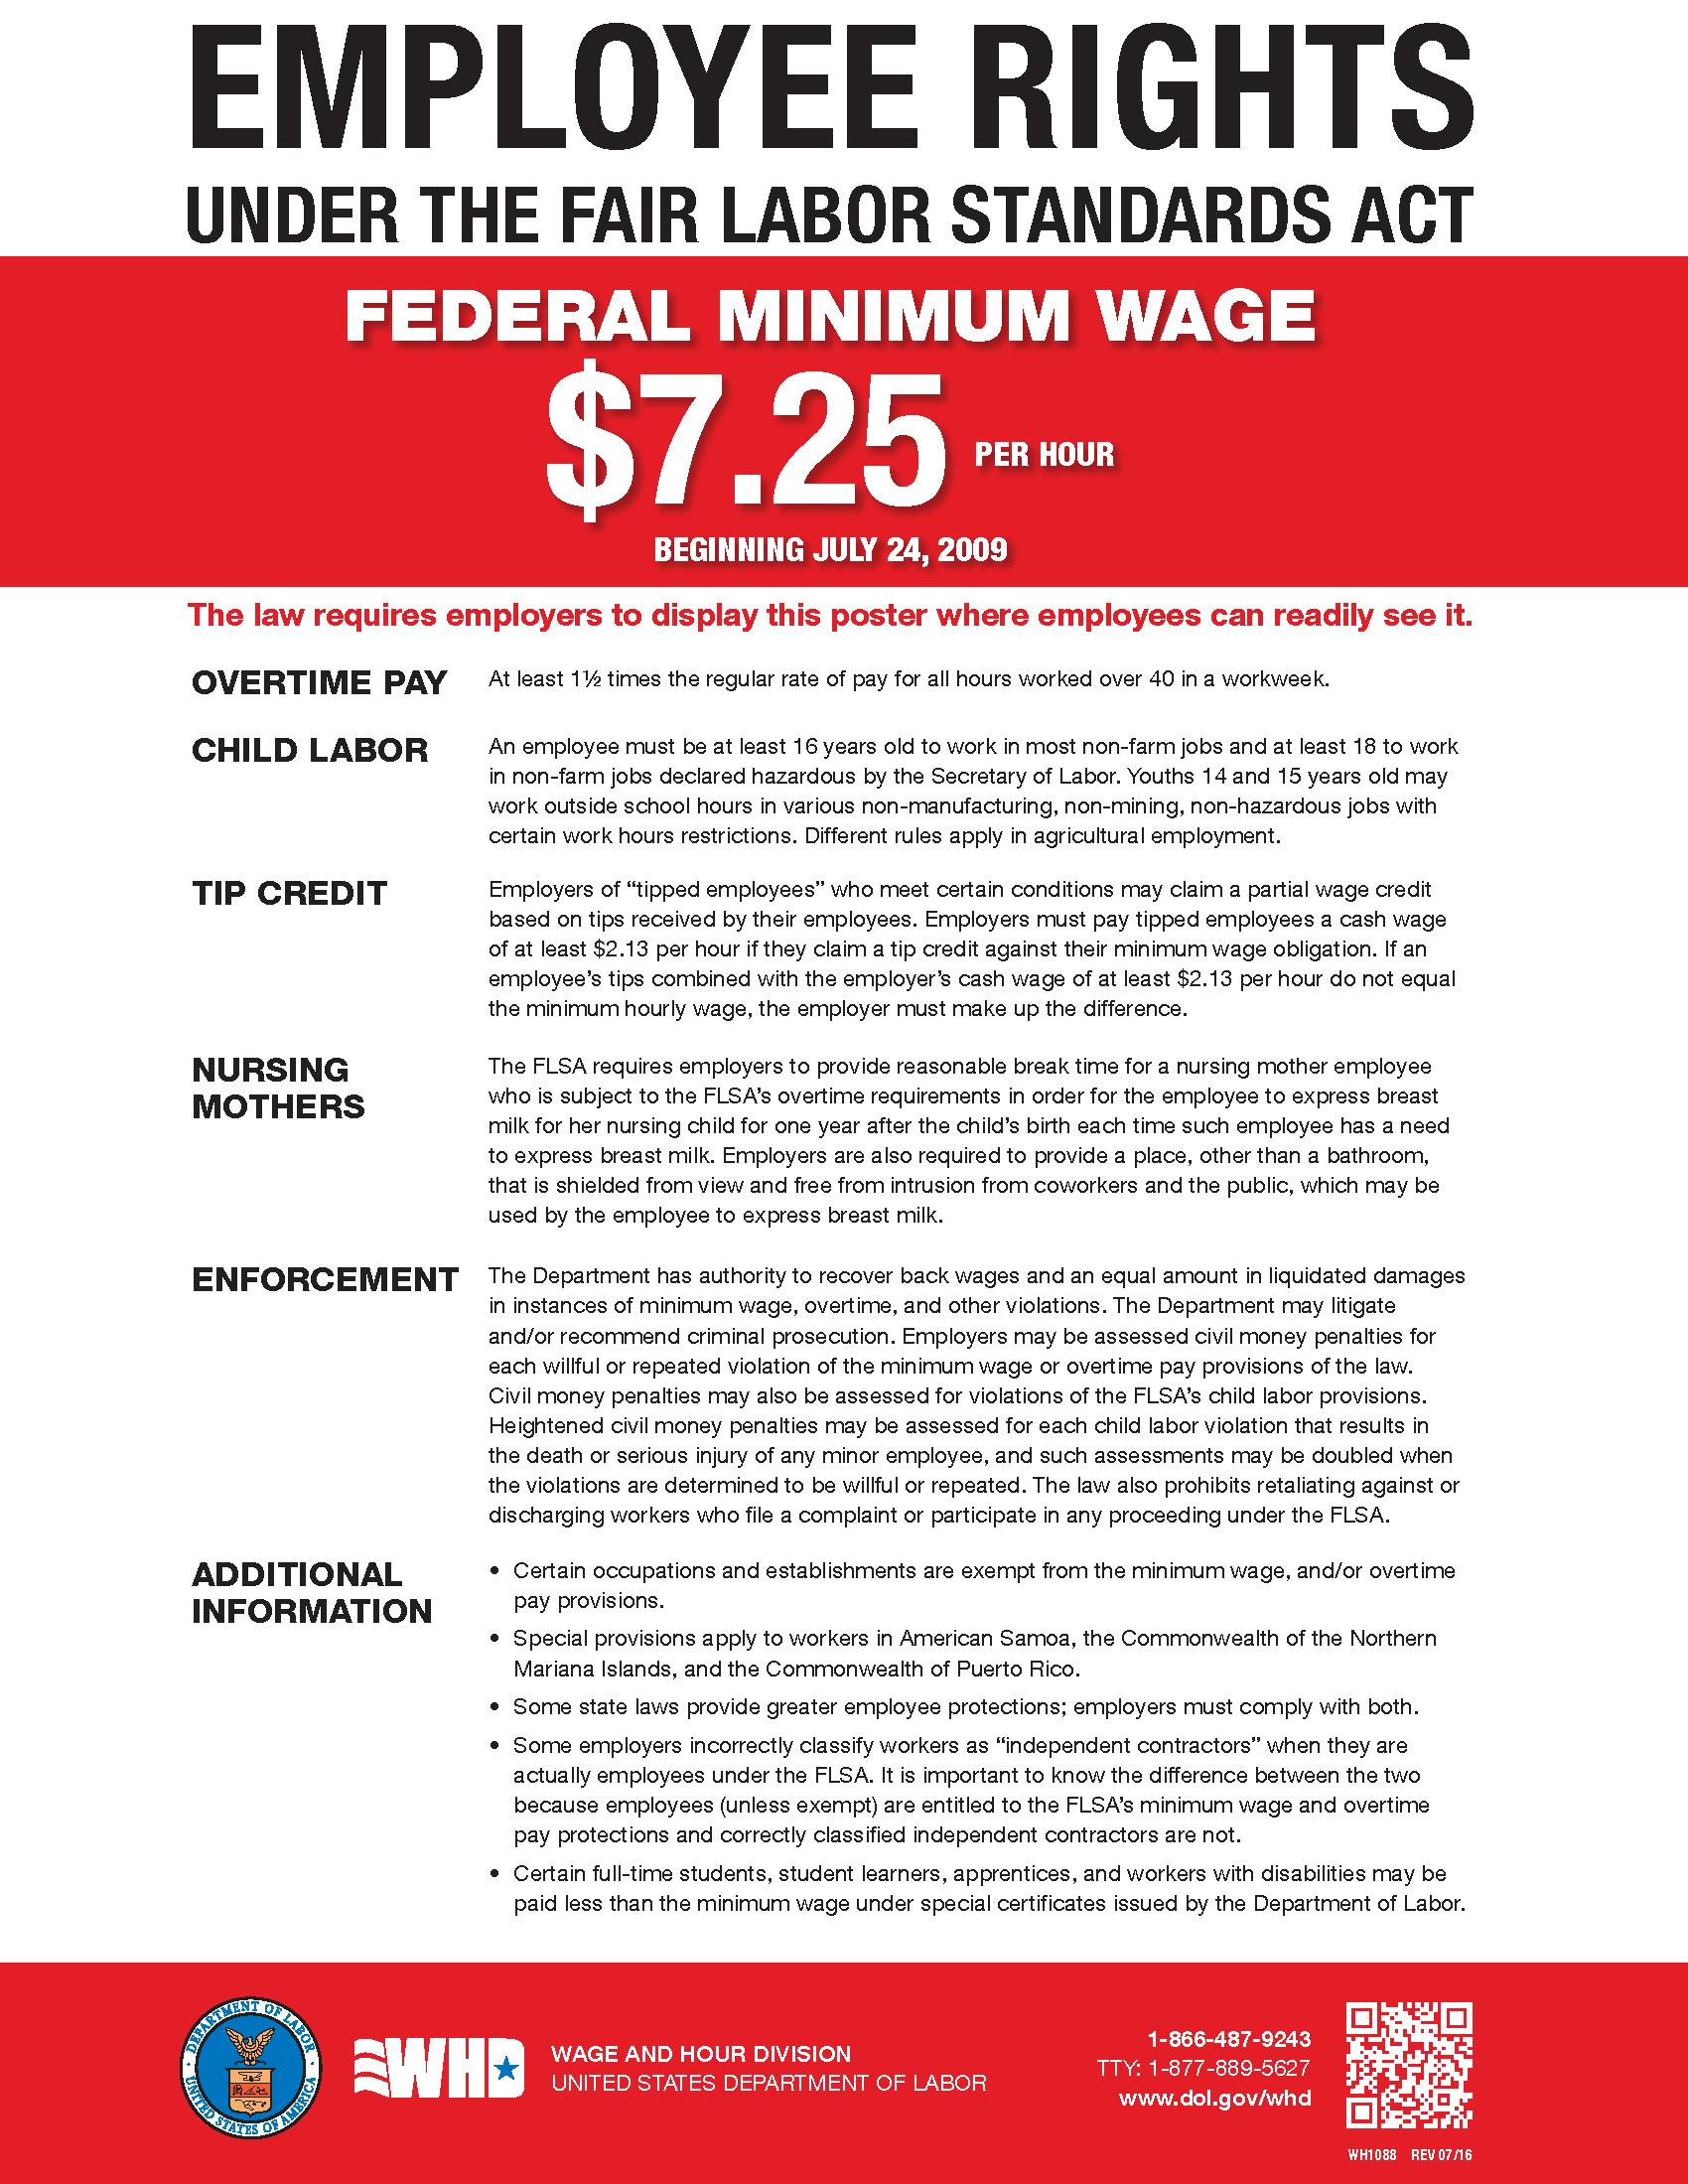 Veja o que saiu no Migalhas sobre Fair Labor Standards Act of 1938